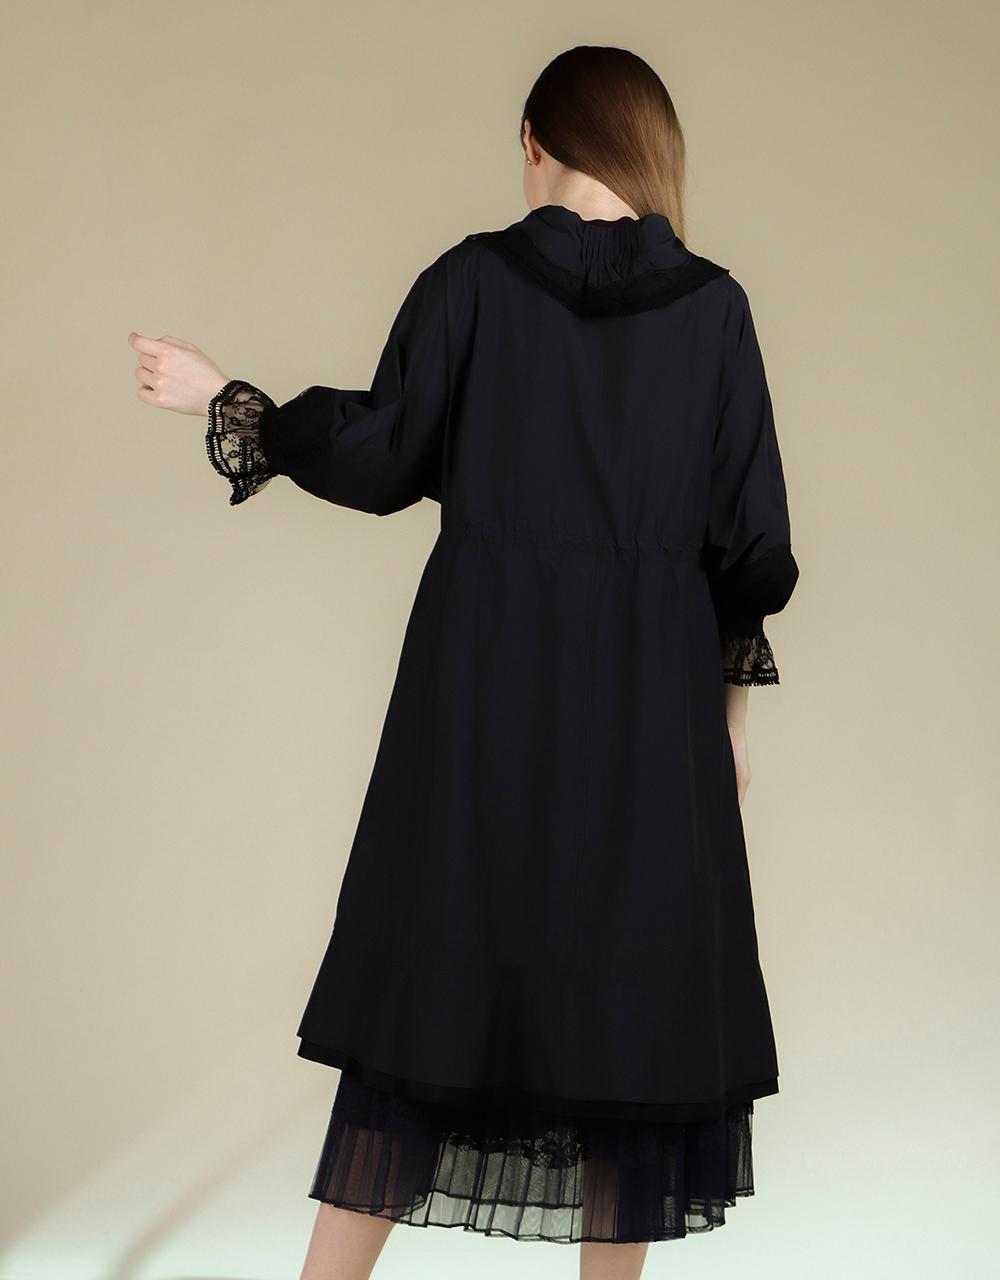 코트 모델 착용 이미지-S2L15